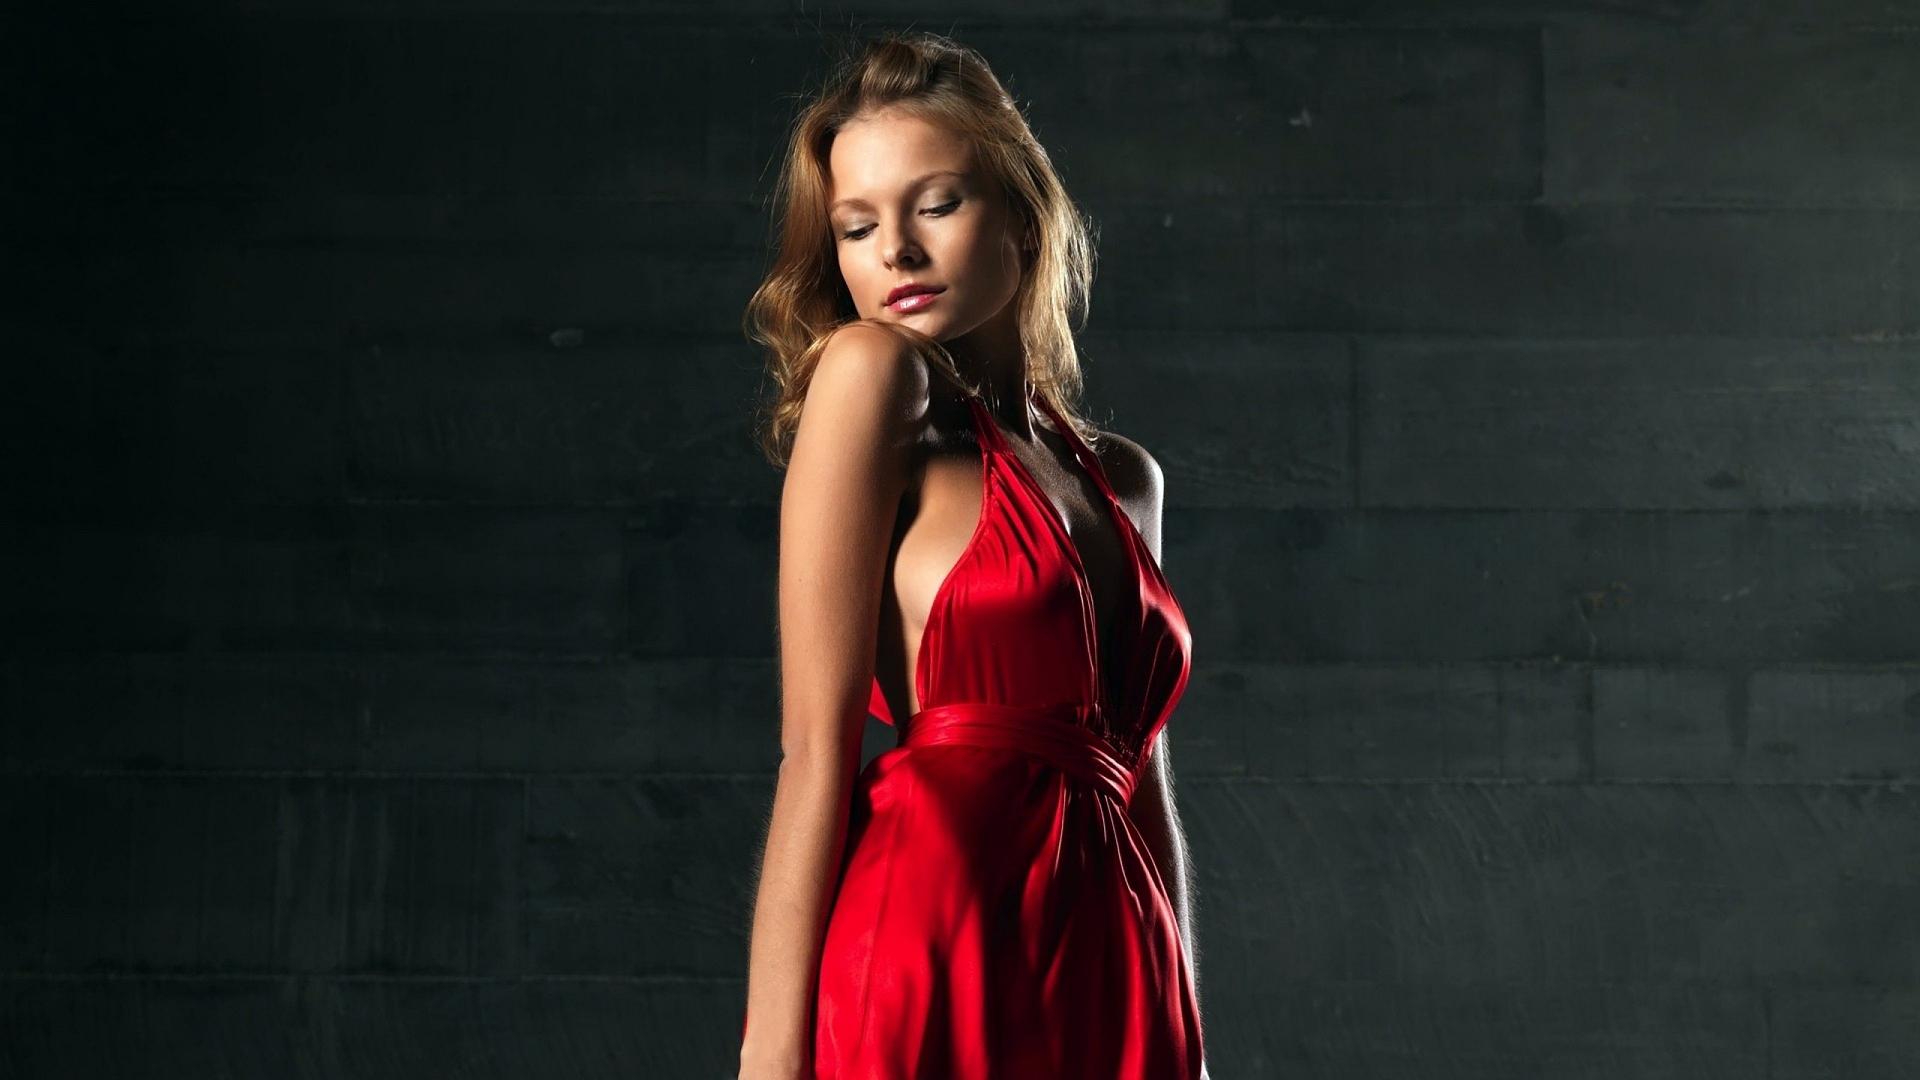 фото высокого разрешения девушек в платьях студия парень снимал